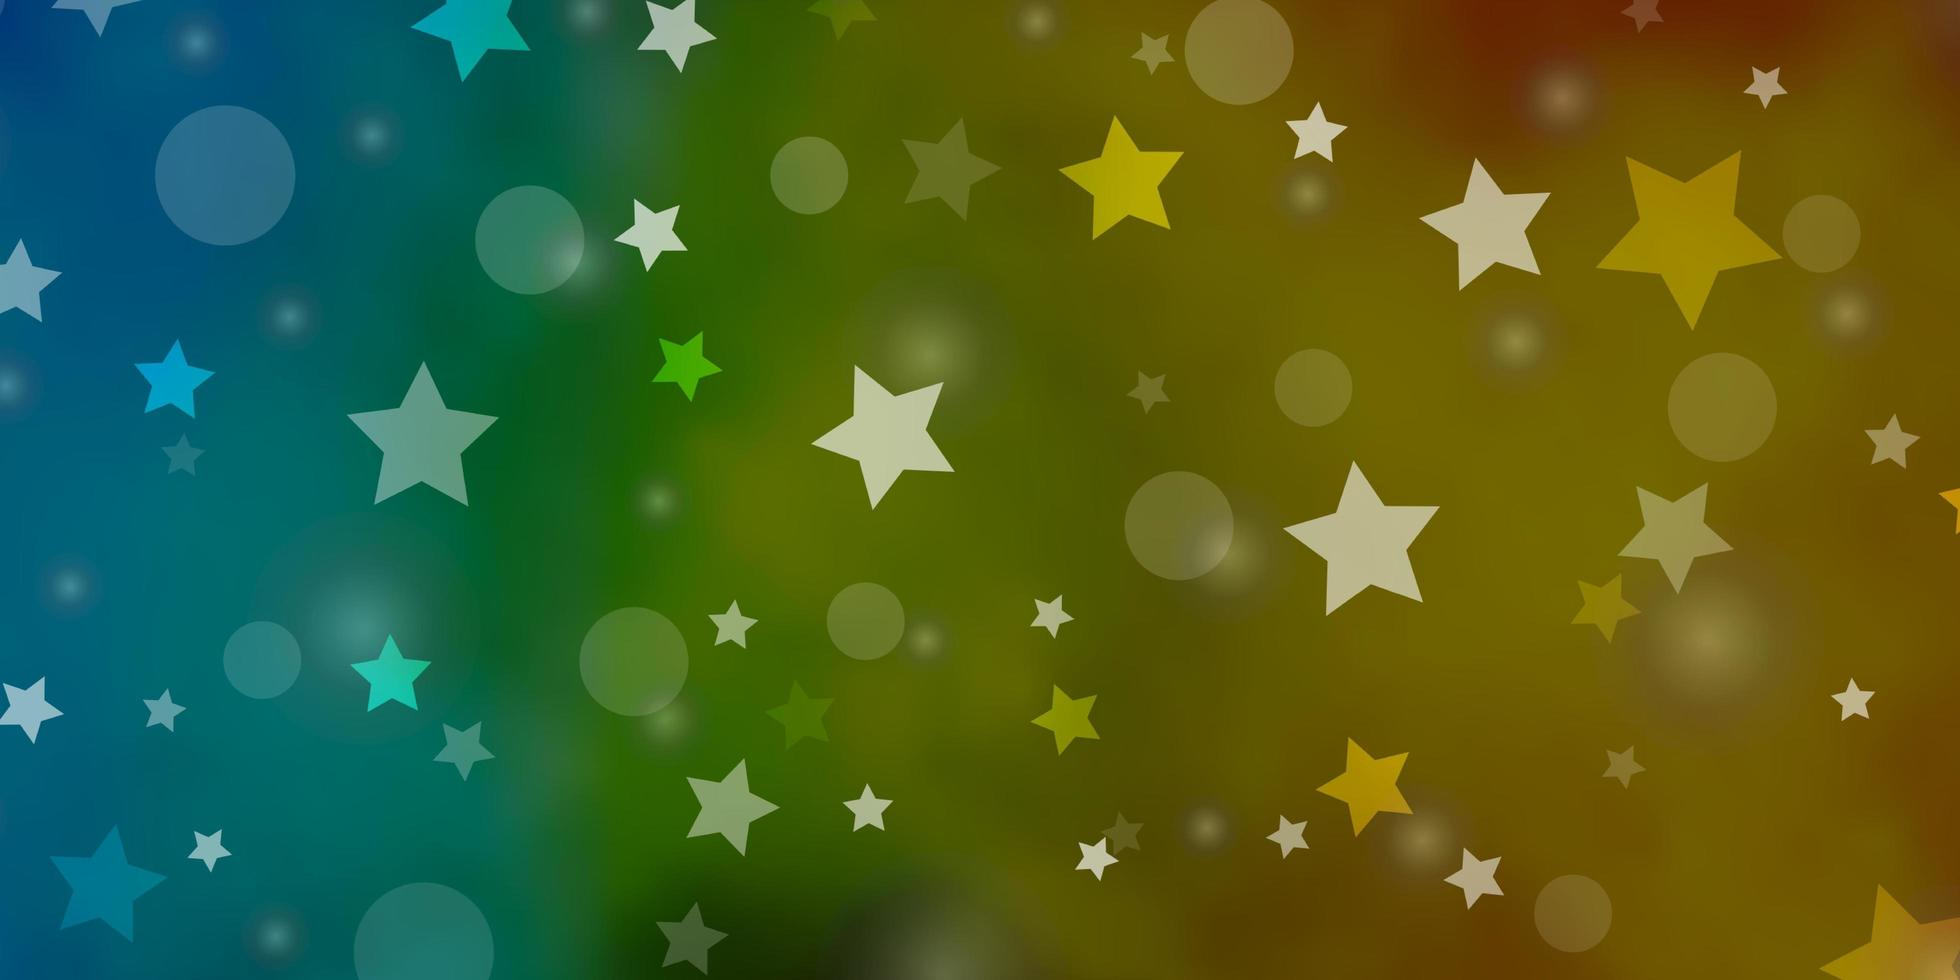 lichtblauwe, gele textuur met cirkels, sterren. vector